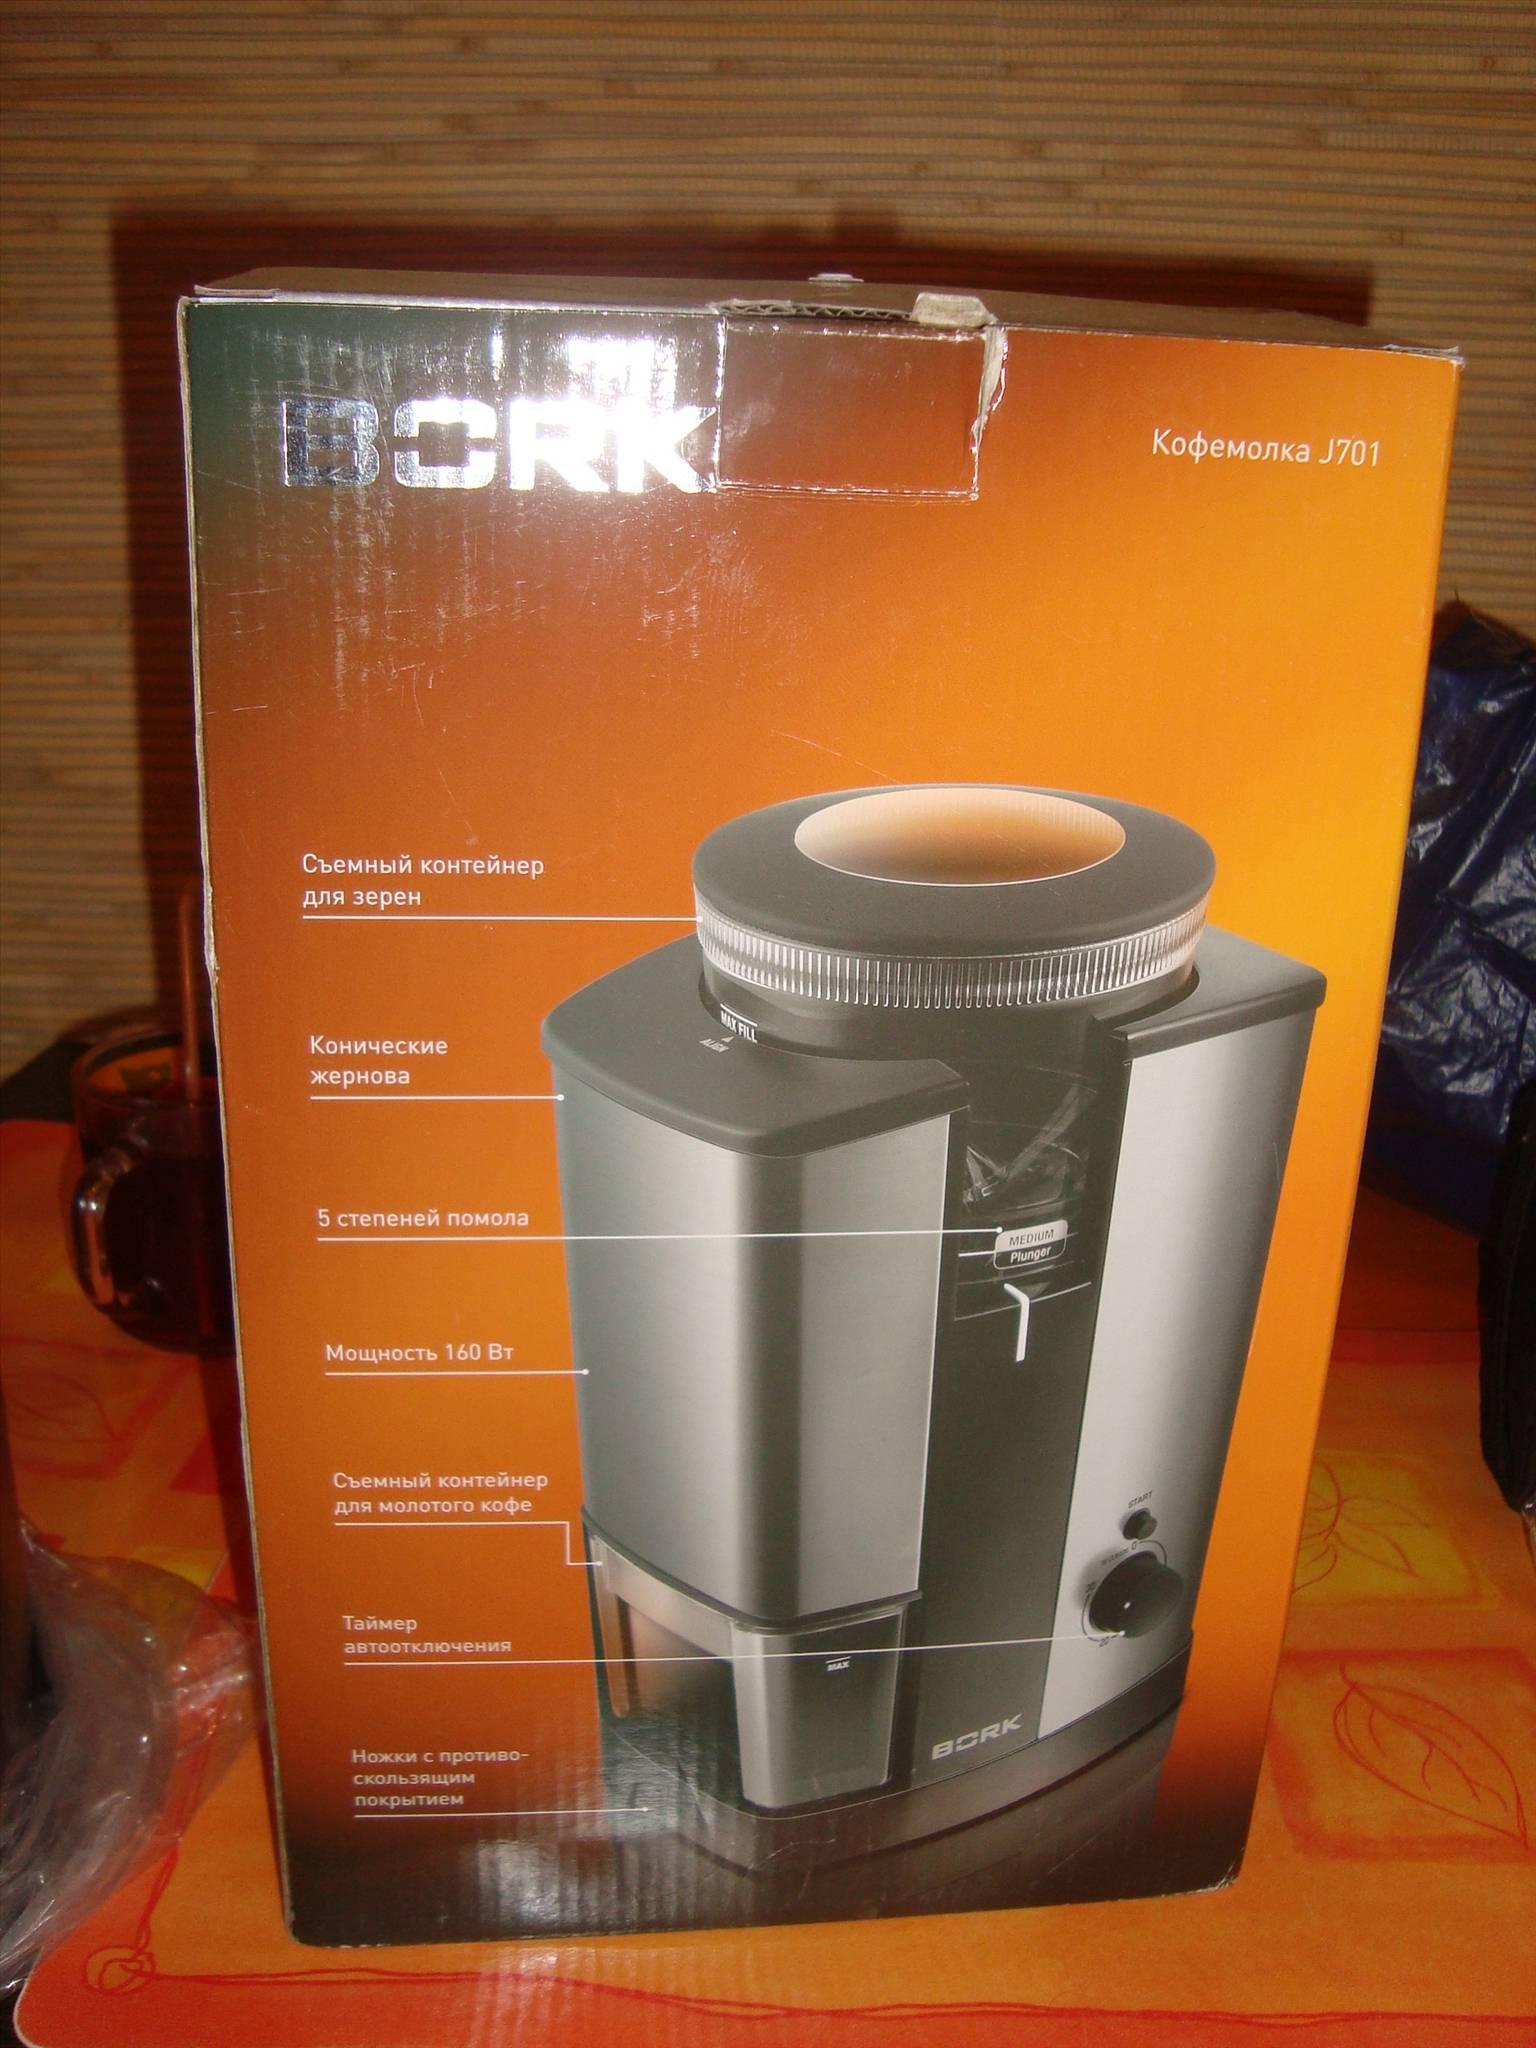 Выполняем ремонт кофемолки своими руками | ремонт и строительство дома